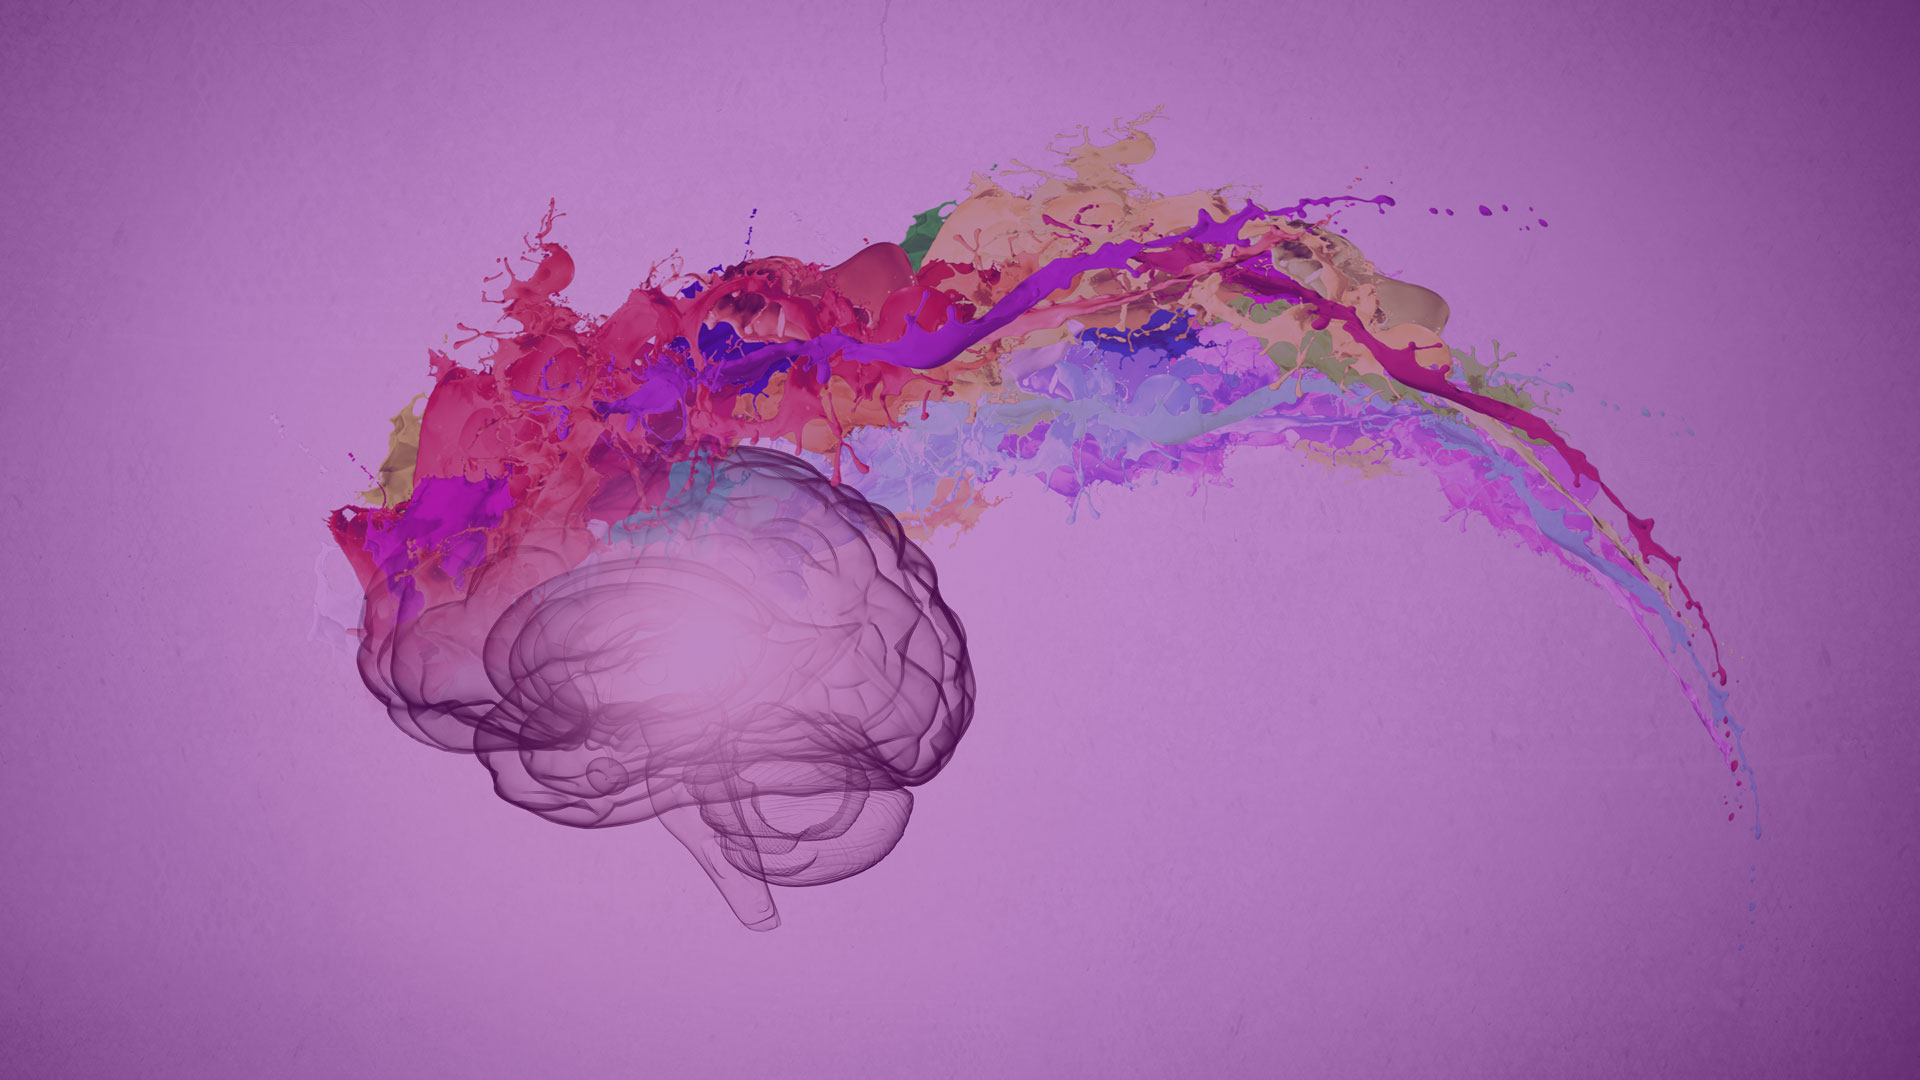 Güçlü içerik; bilgi birikimi, yaratıcılık ve strateji gerektirir.